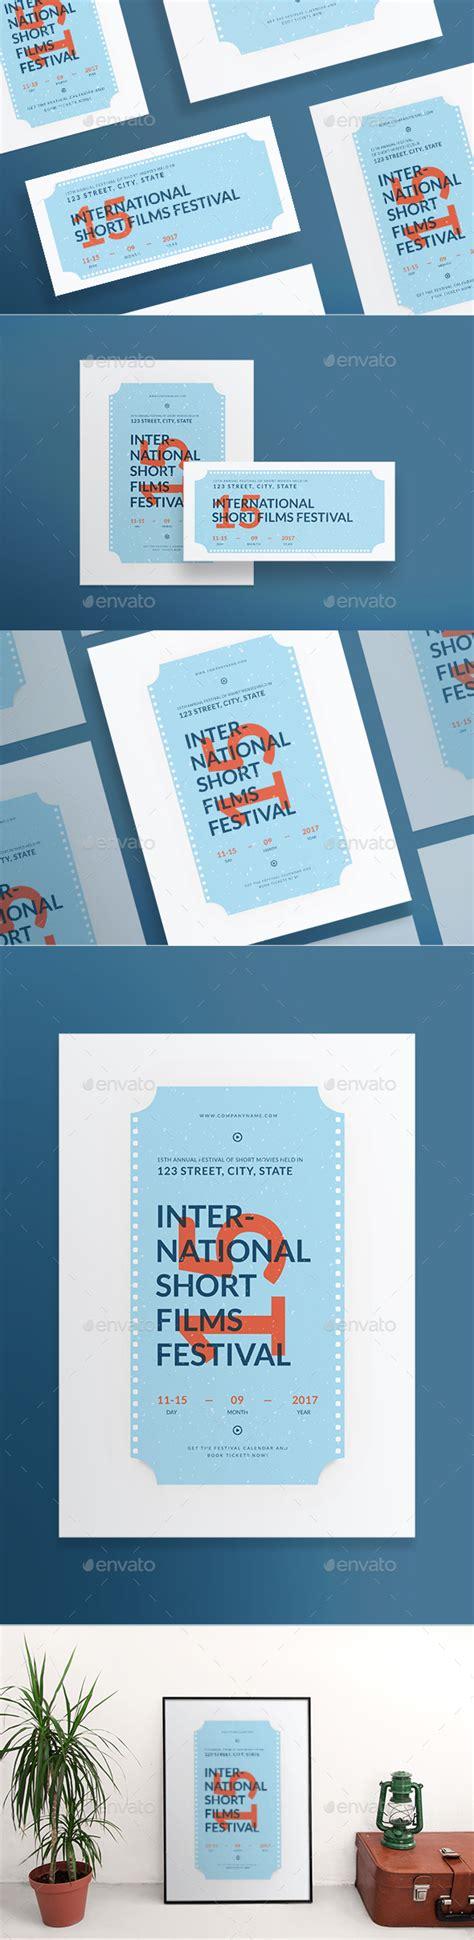 film festival brochure template 187 tinkytyler org stock